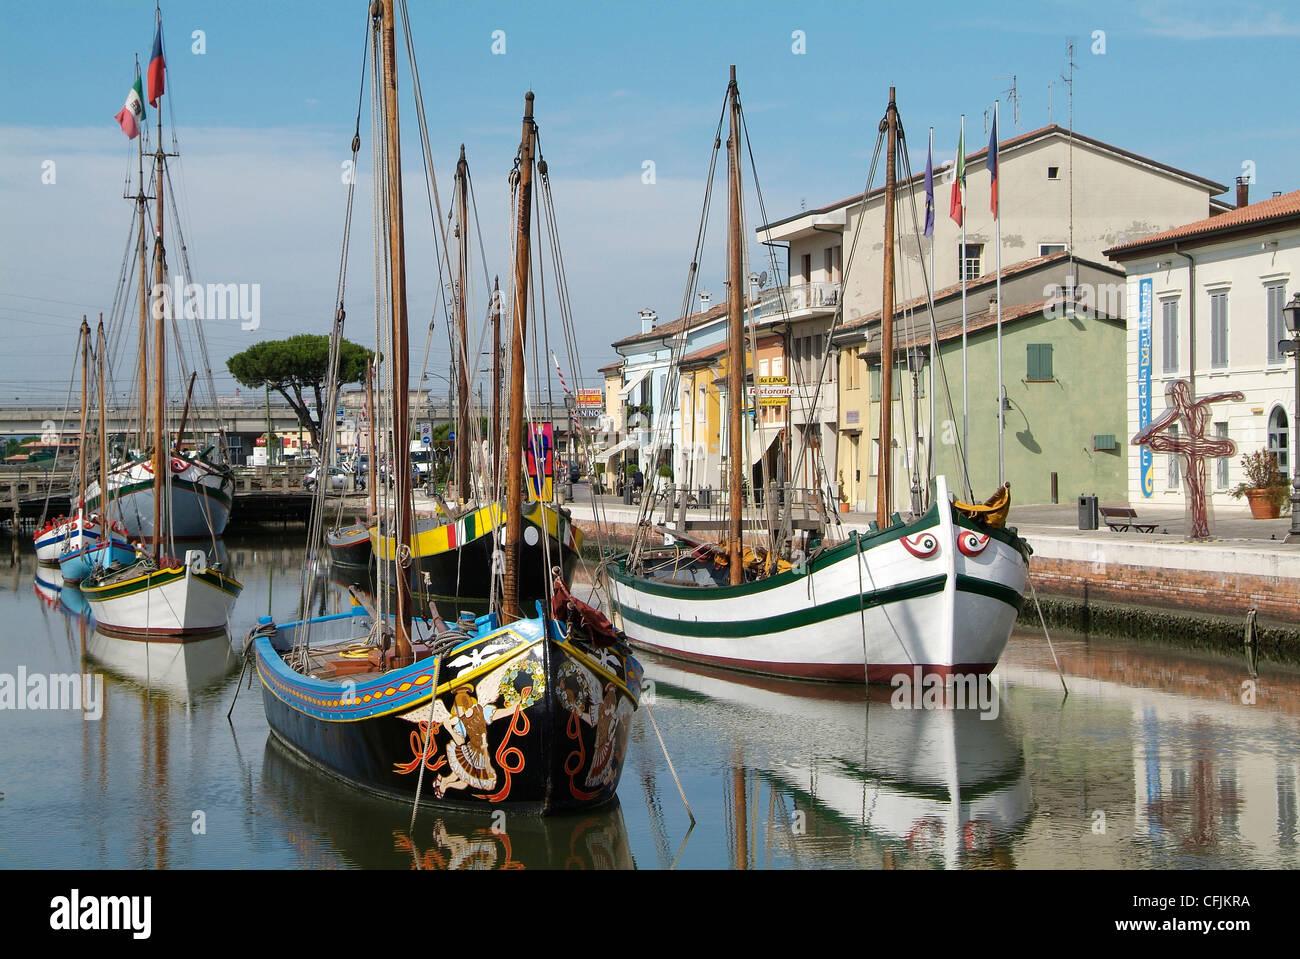 Cesenatico, harbour, Adriatic coast, Emilia-Romagna, Italy, Europe - Stock Image